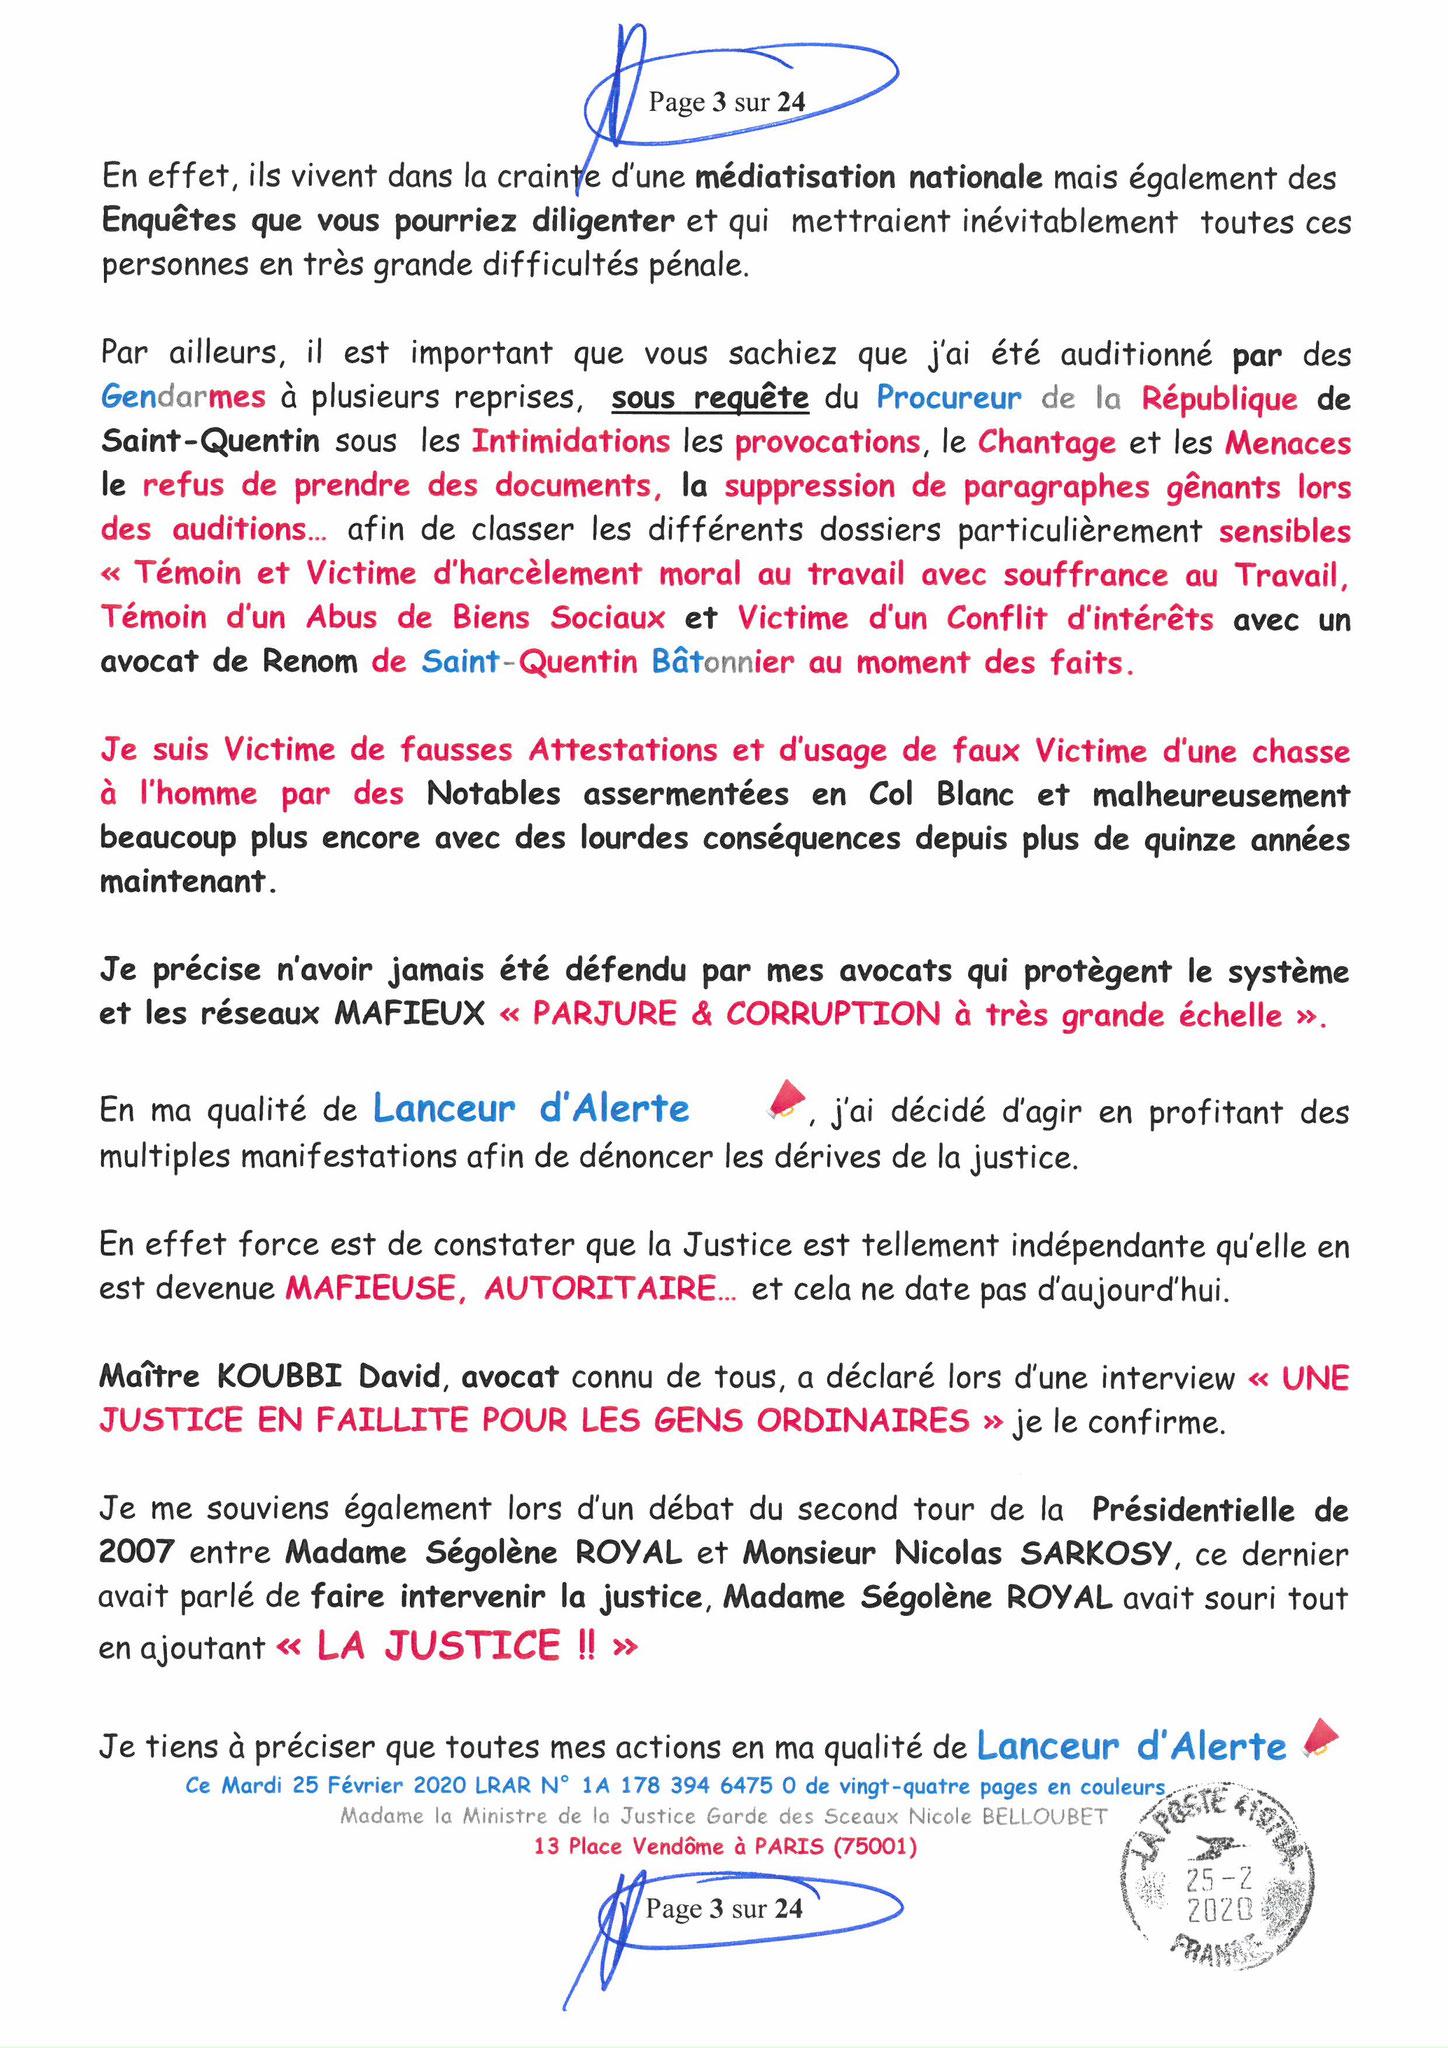 Ma LRAR à Madame Nicole BELLOUBET la Ministre de la Justice N0 1A 178 394 6475 0 Page 3 sur 24 en couleur  www.jesuispatrick.com www.jesuisvictime.fr www.alerte-rouge-france.fr